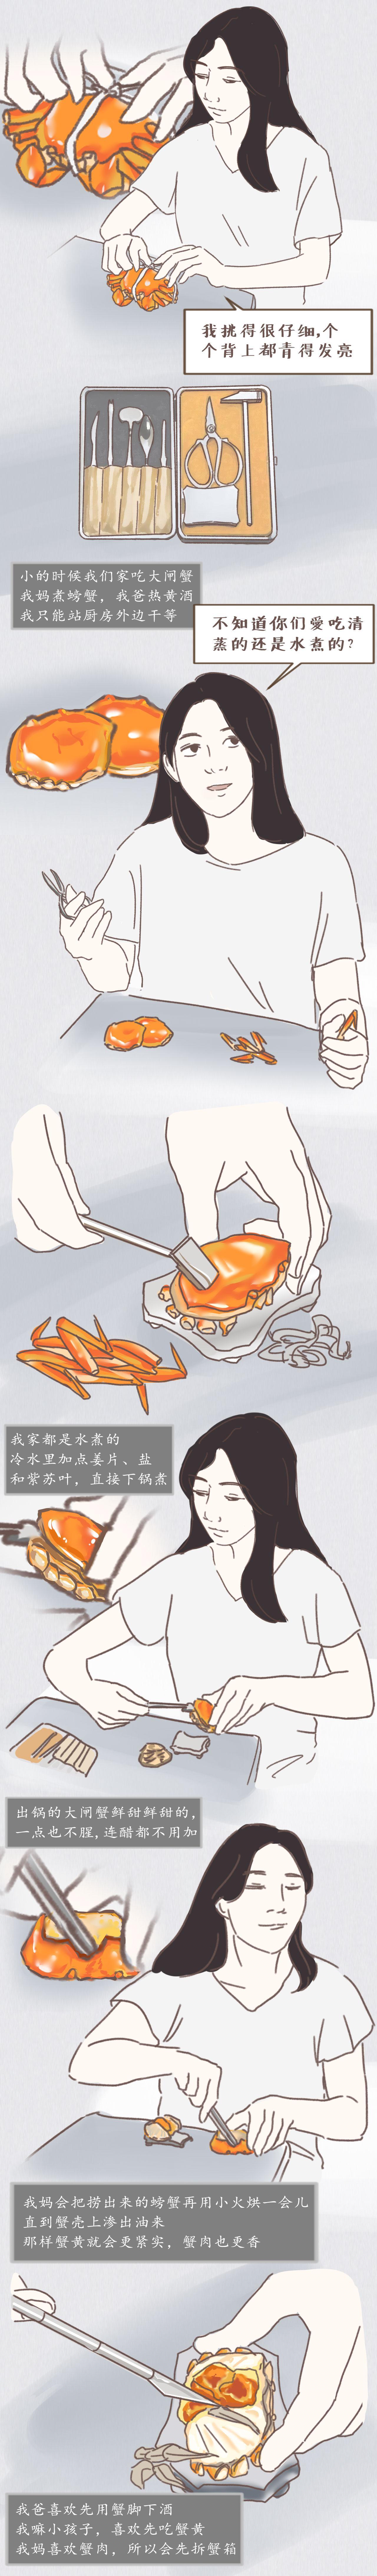 大闸蟹有多好吃,形容一下